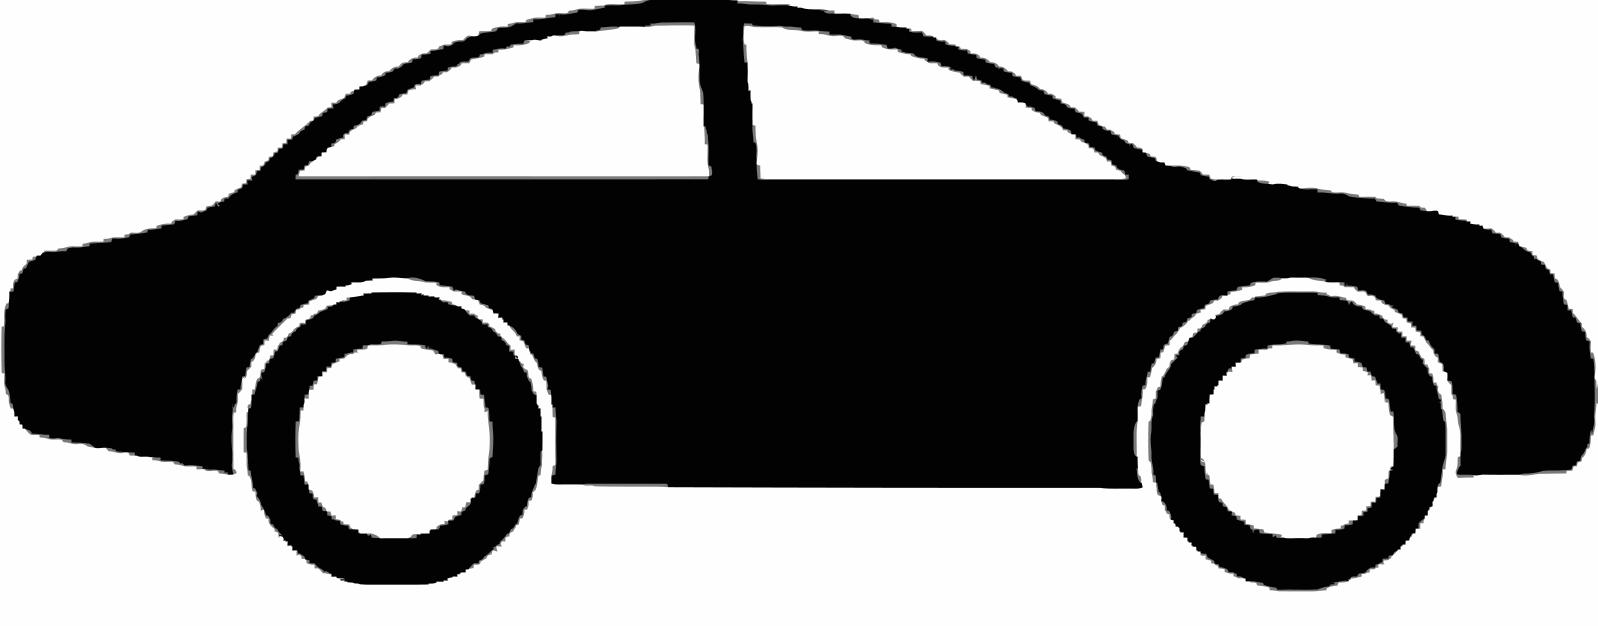 1598x626 Car Silhouette Clipart